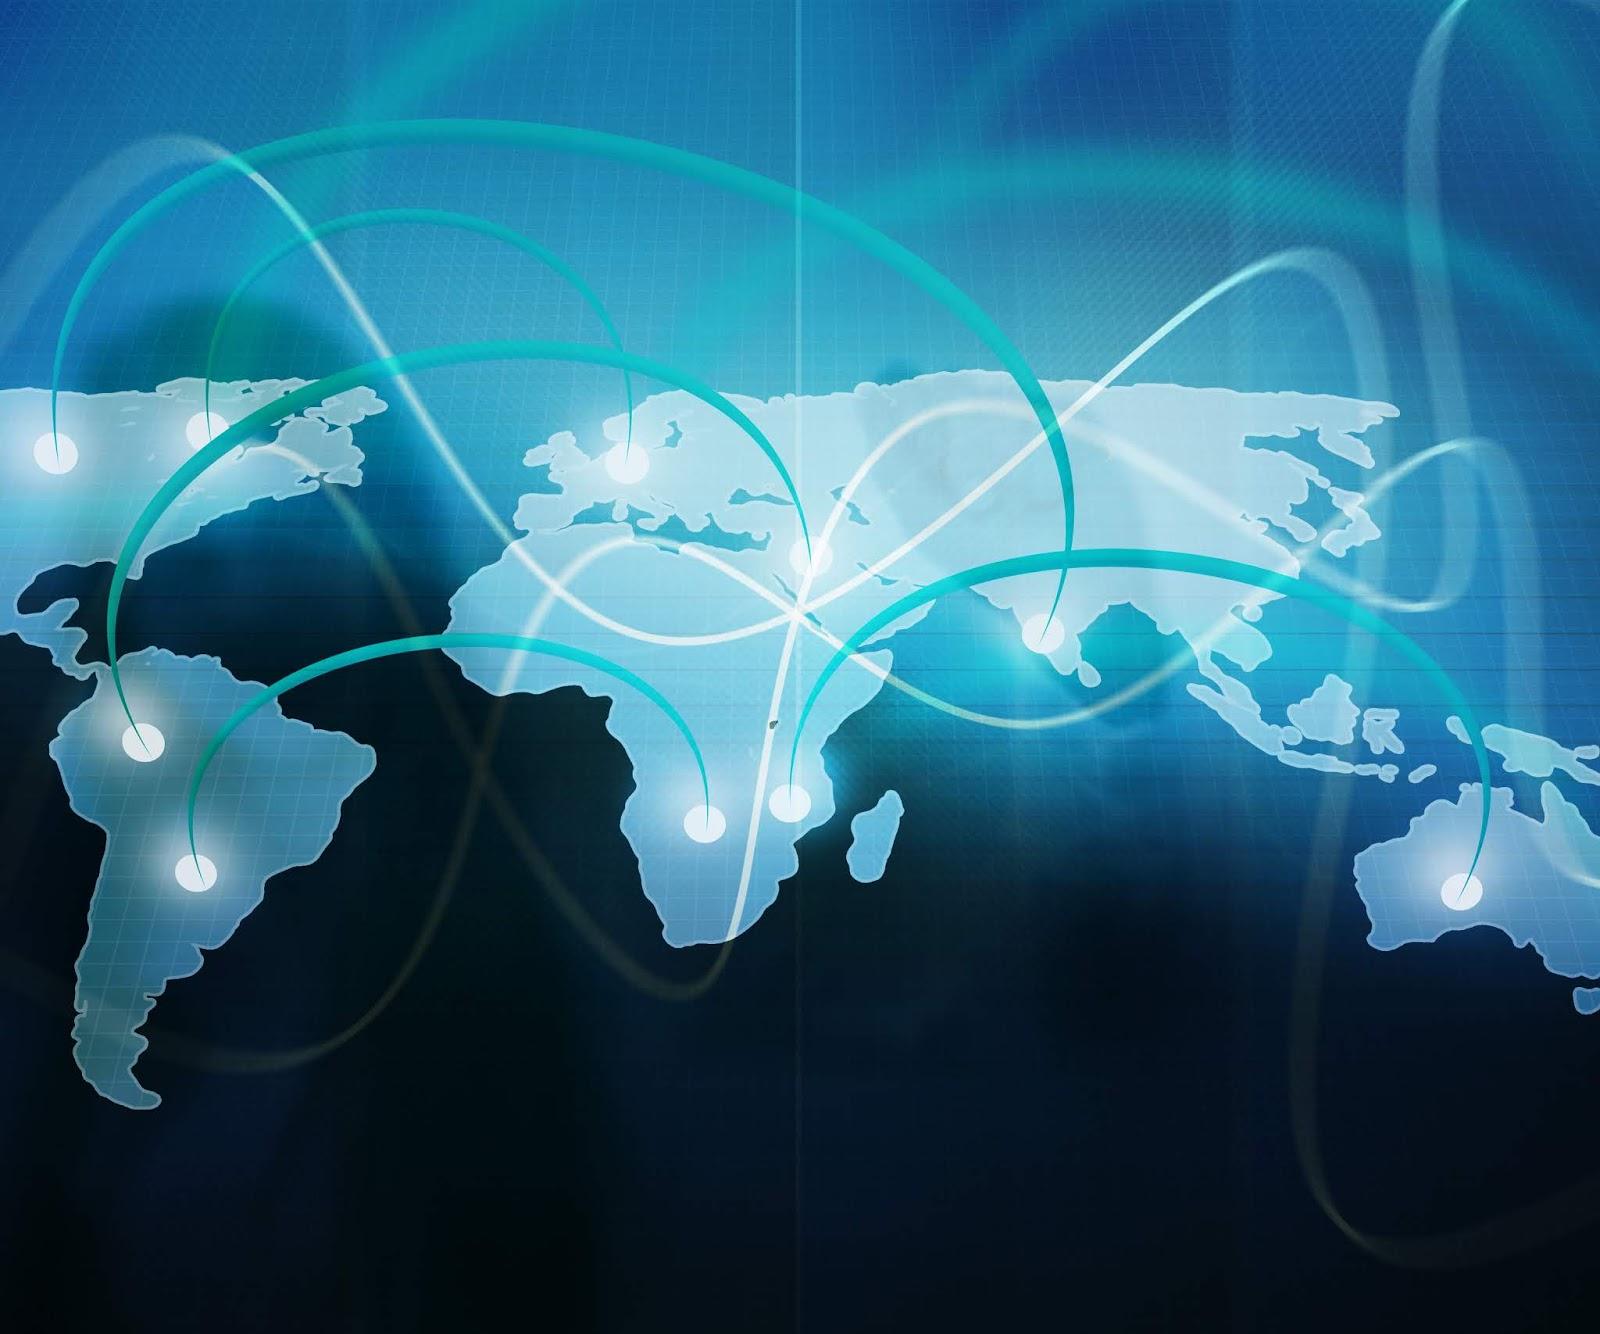 World Web Business Stock Photo